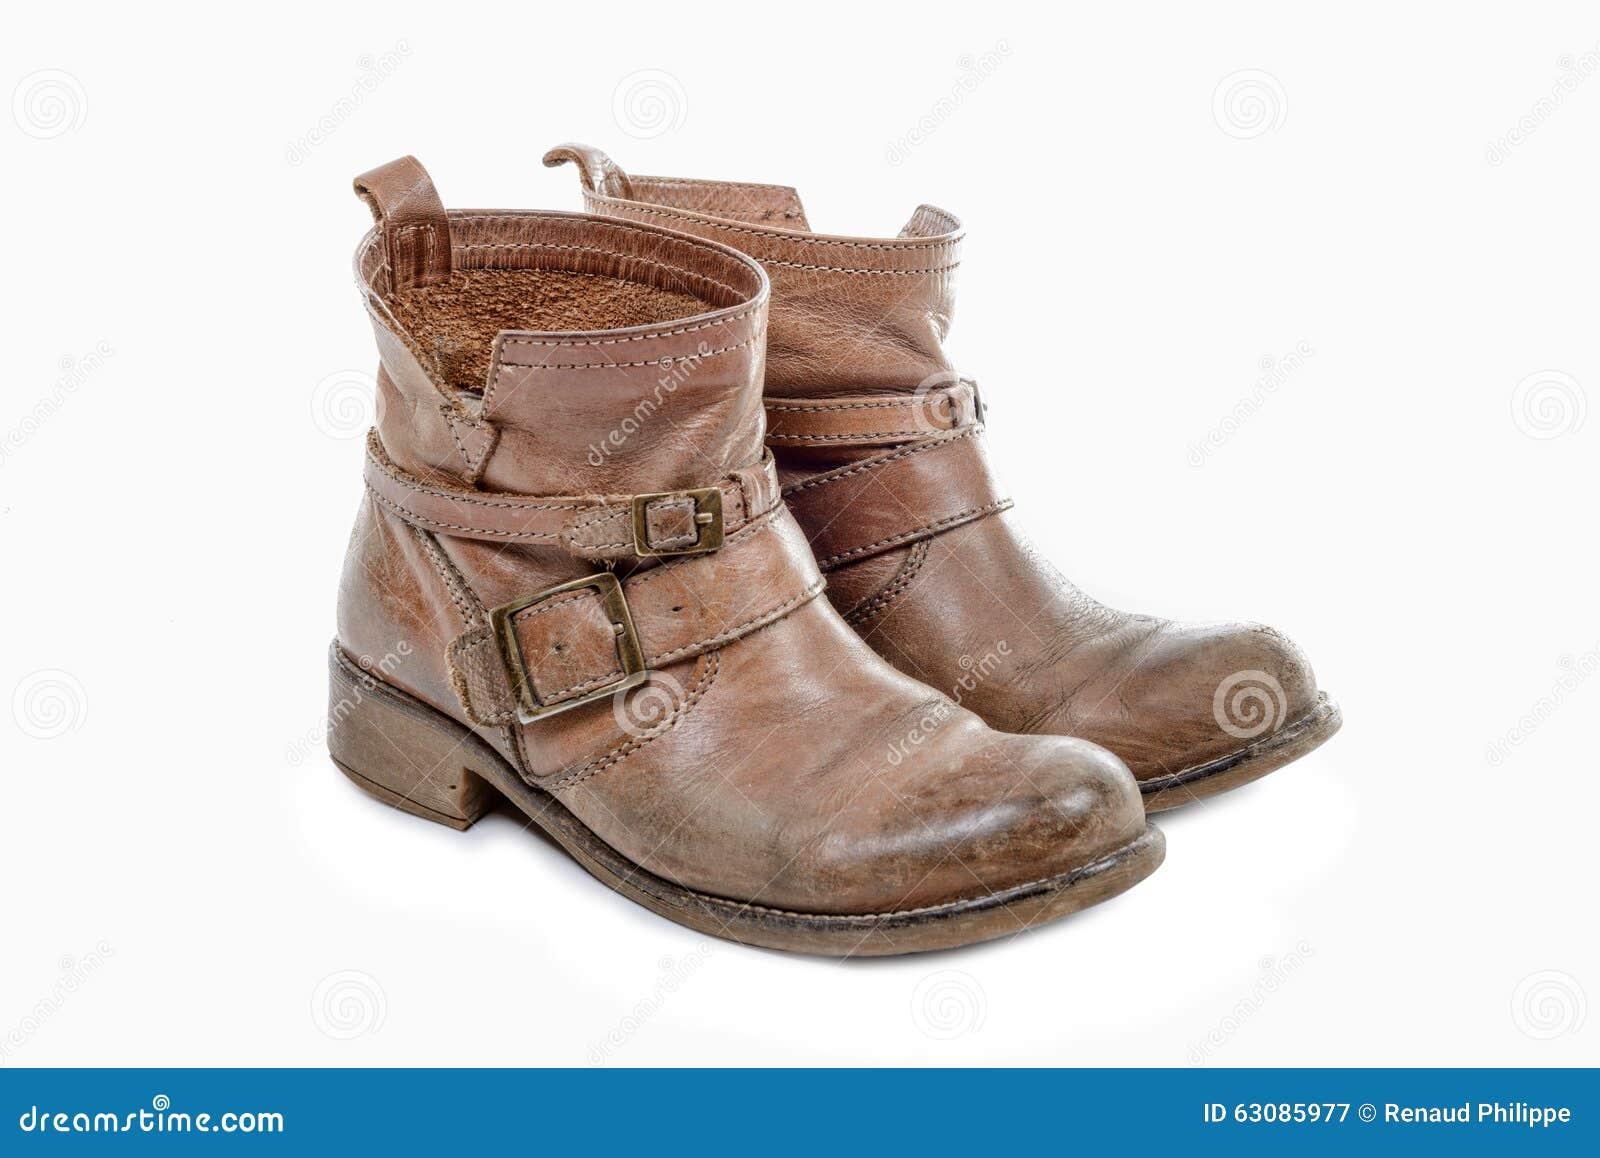 Download Paires De Bottes Usées D'isolement Sur Un Fond Blanc Image stock - Image du brun, vêtement: 63085977